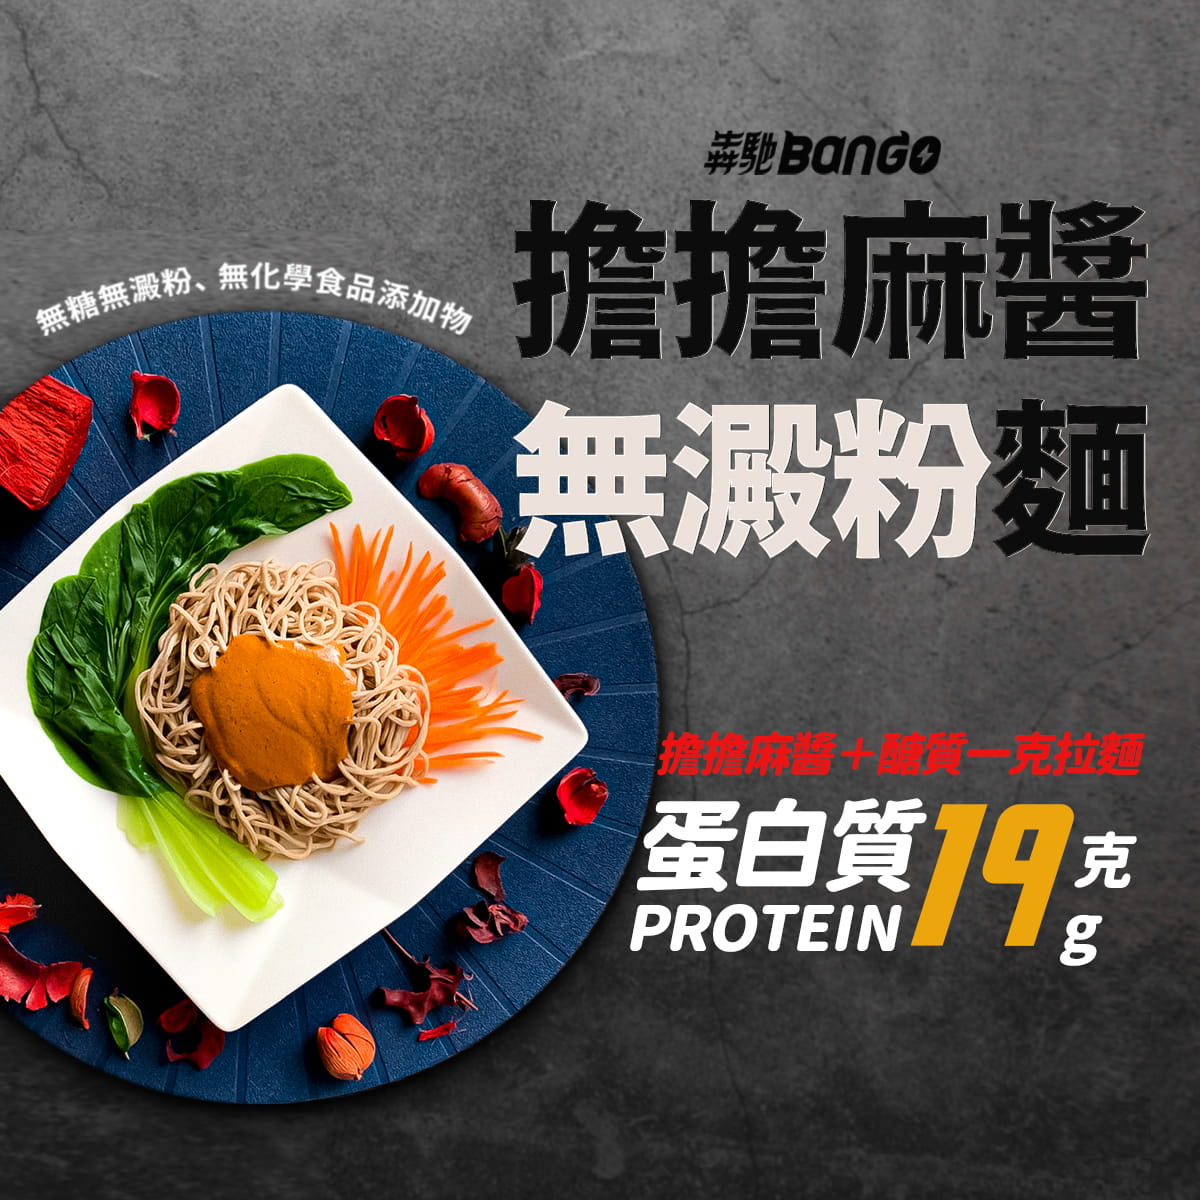 【Bango】無澱粉韓式炸醬拉麵/擔擔麻醬拉麵 2